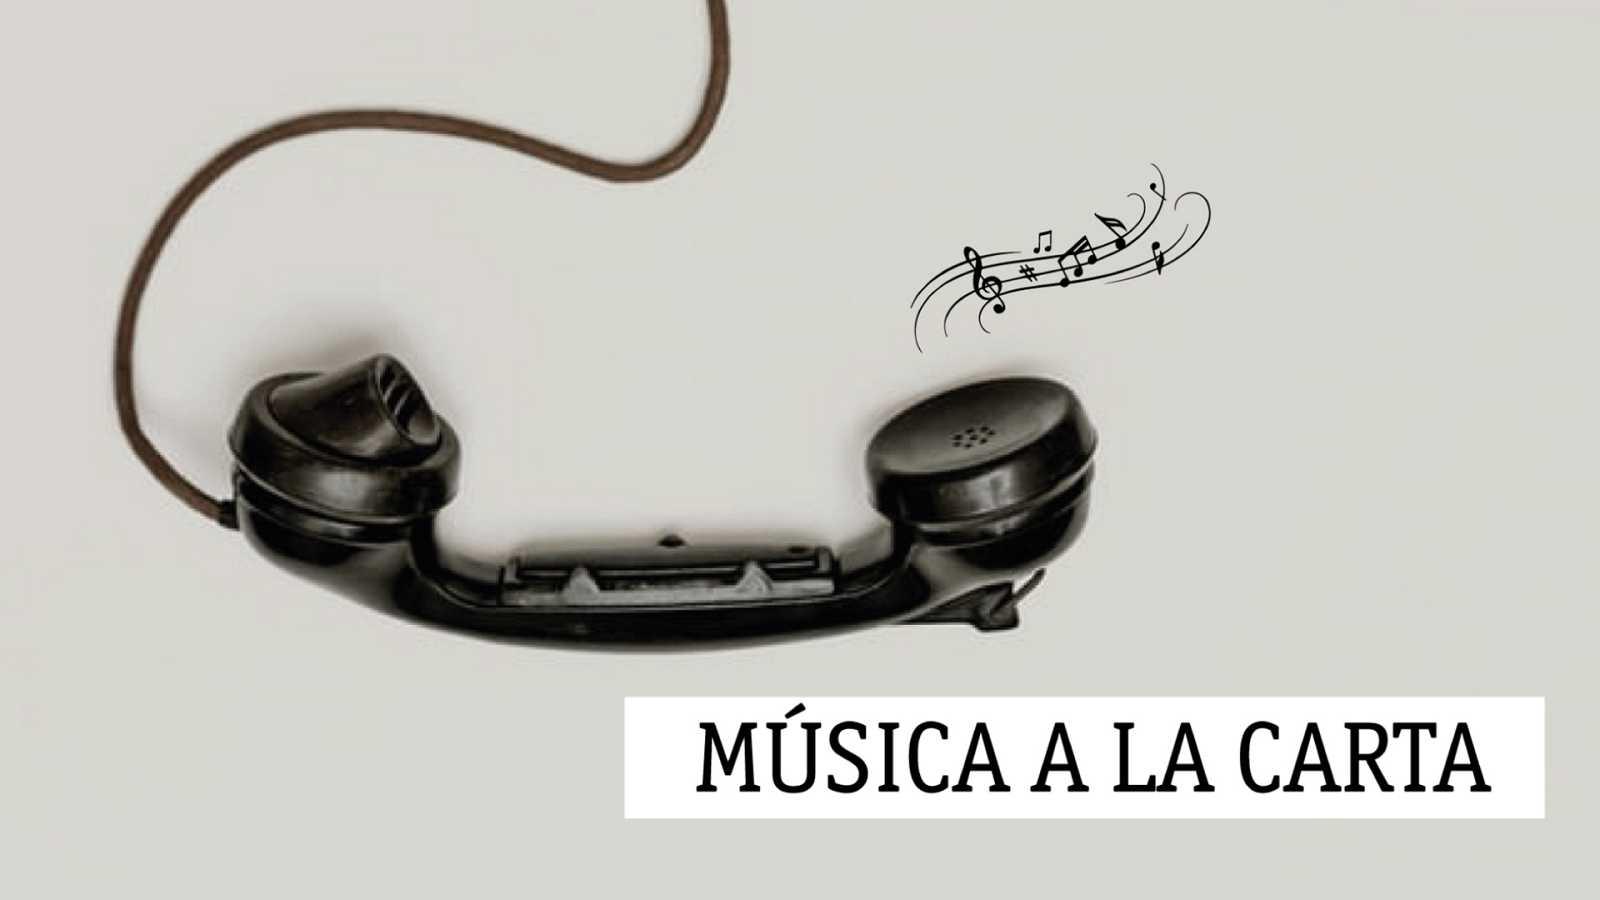 Música a la carta - 11/02/21 - escuchar ahora